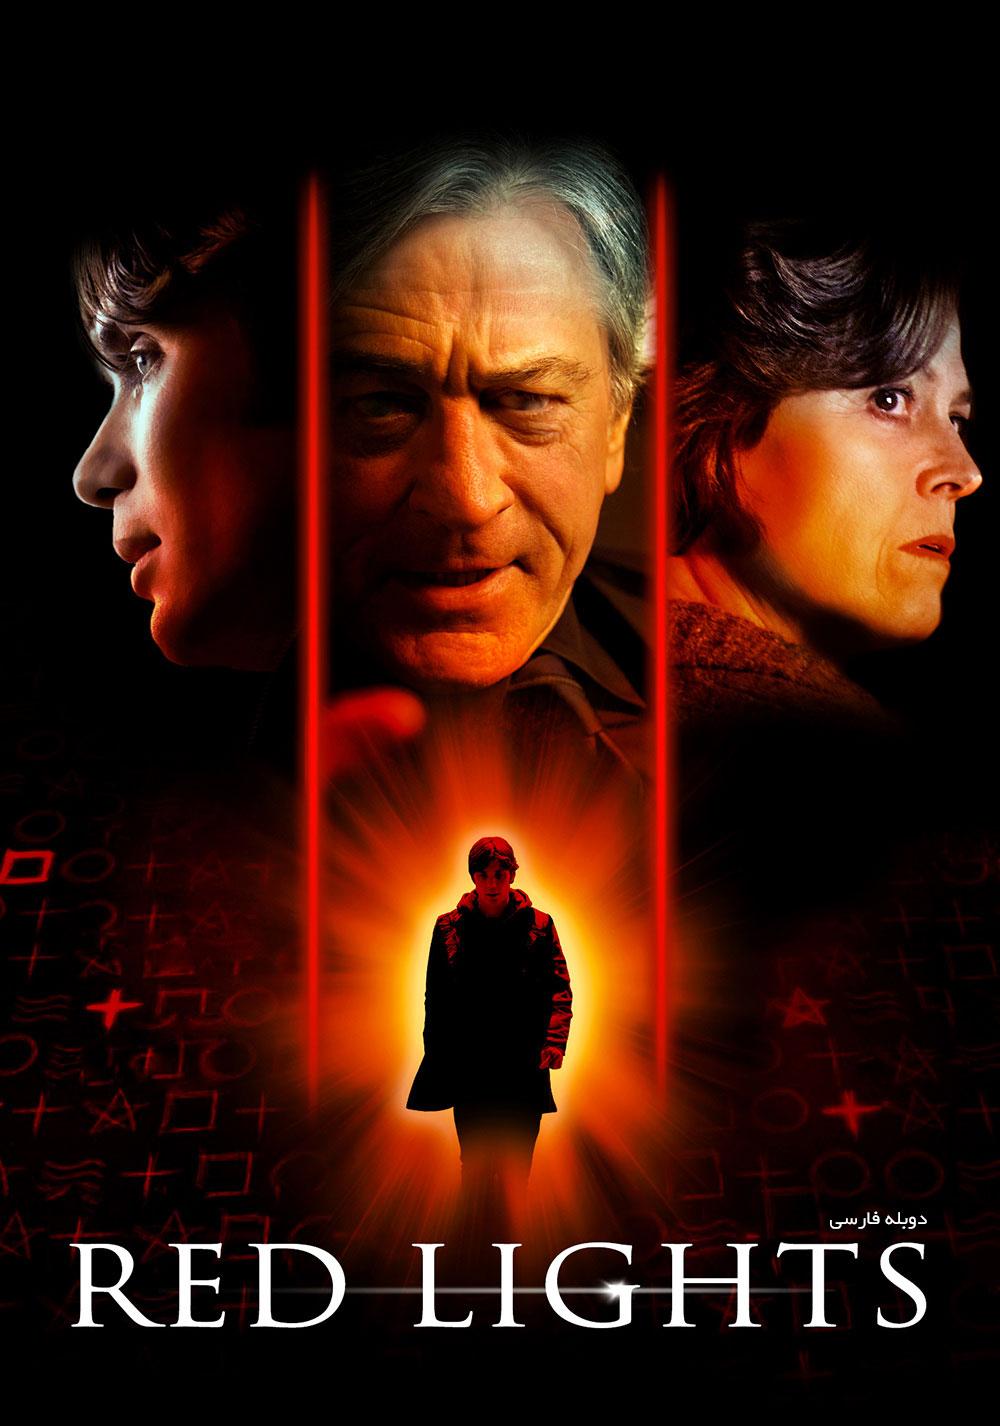 دانلود فیلم چراغ های قرمز Red Lights - دانلود فیلم چراغ های قرمز Red Lights دوبله فارسی